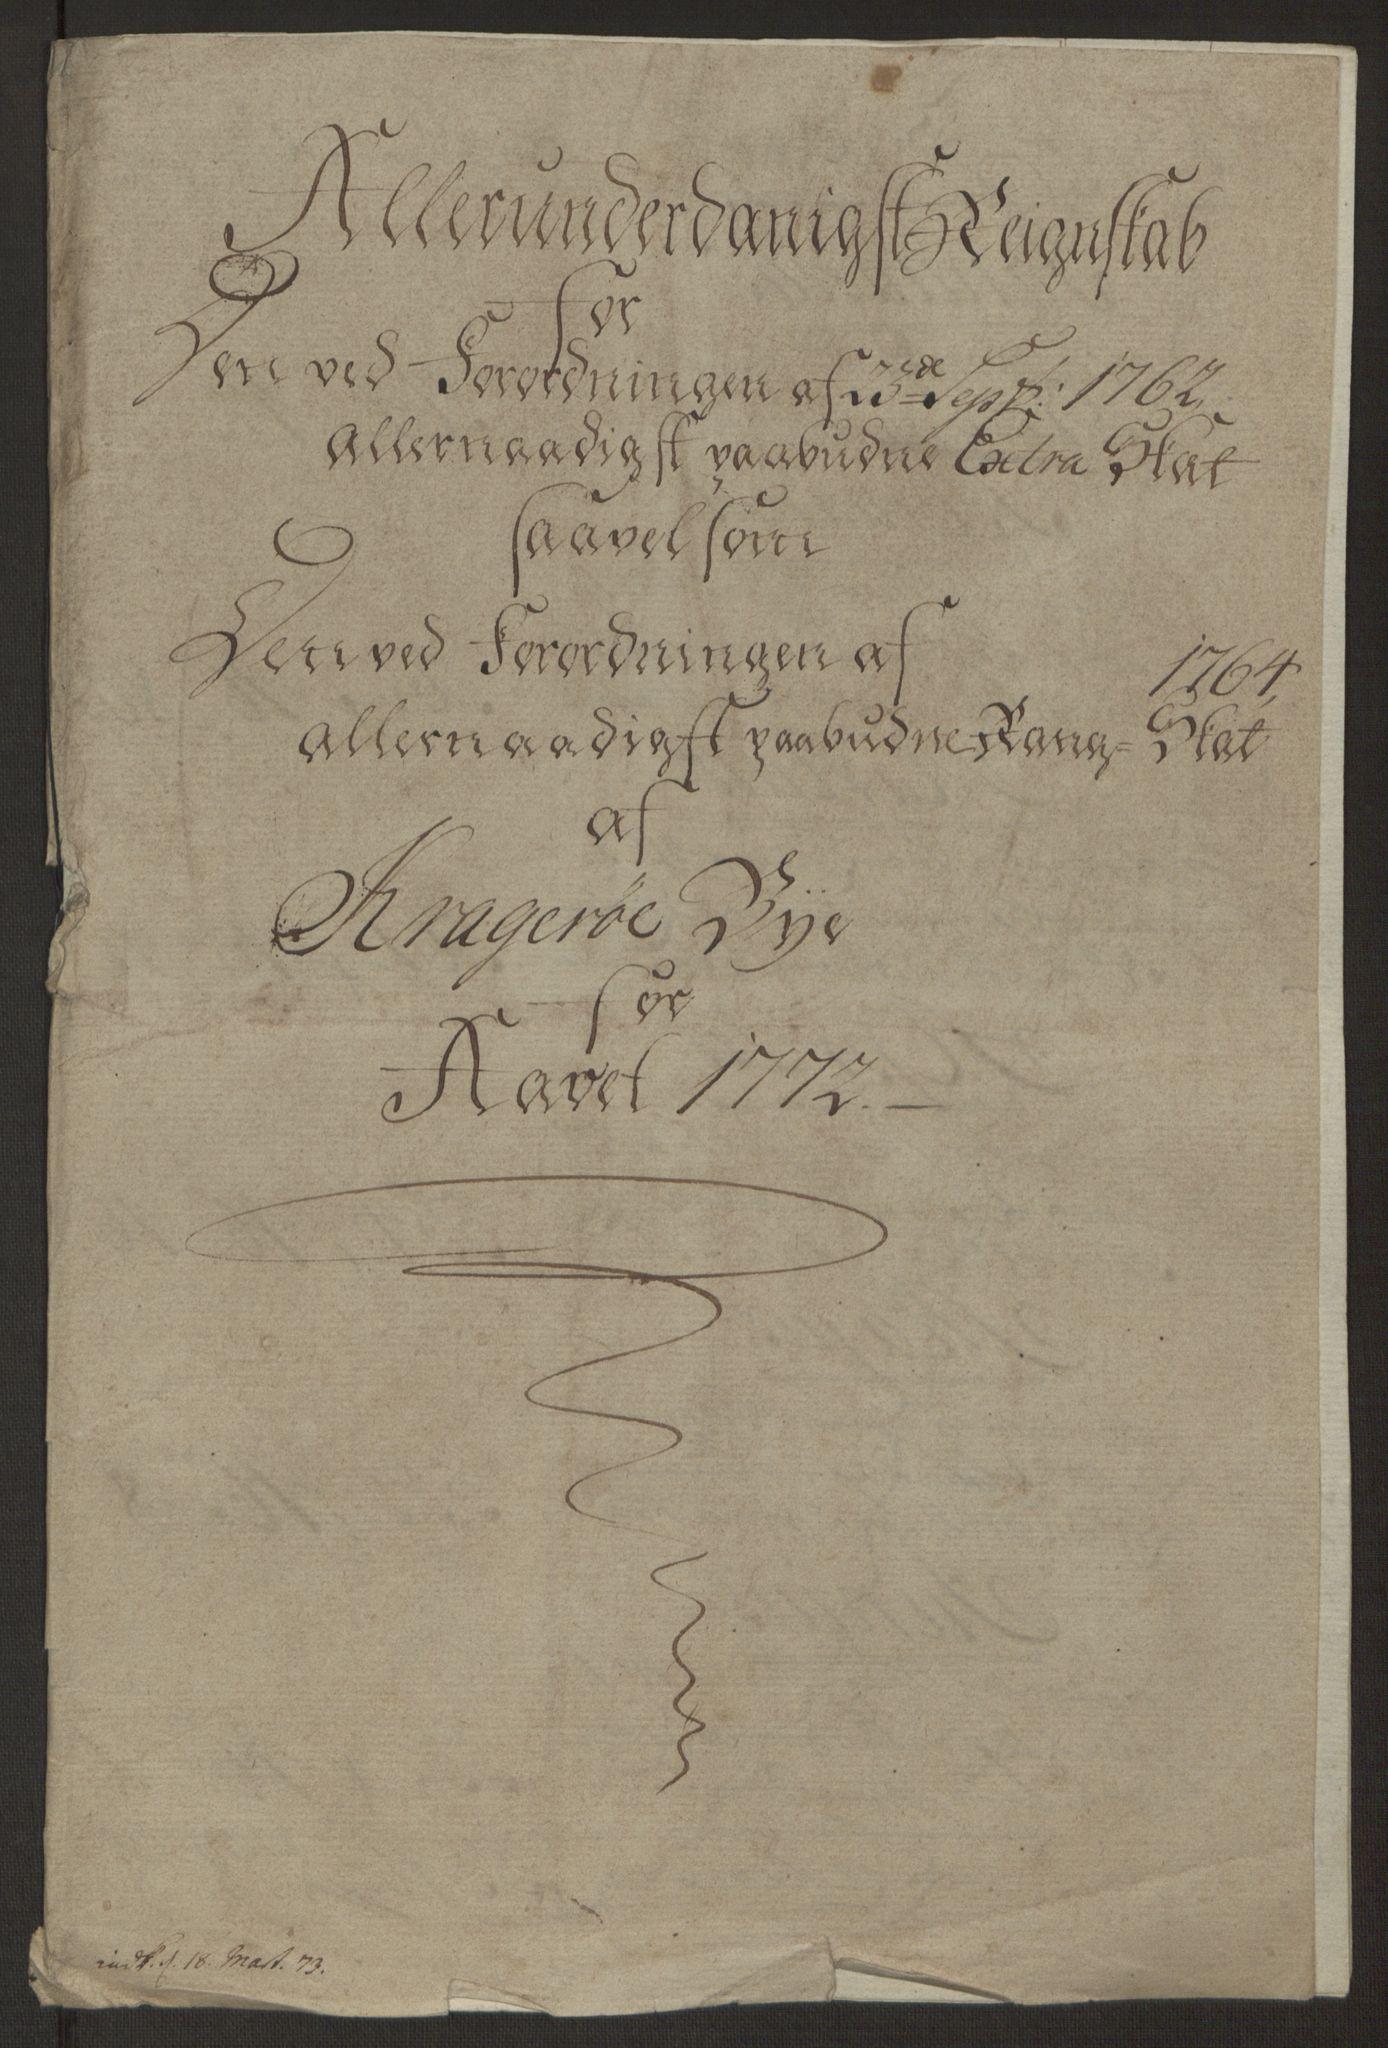 RA, Rentekammeret inntil 1814, Reviderte regnskaper, Byregnskaper, R/Rk/L0218: [K2] Kontribusjonsregnskap, 1768-1772, s. 82